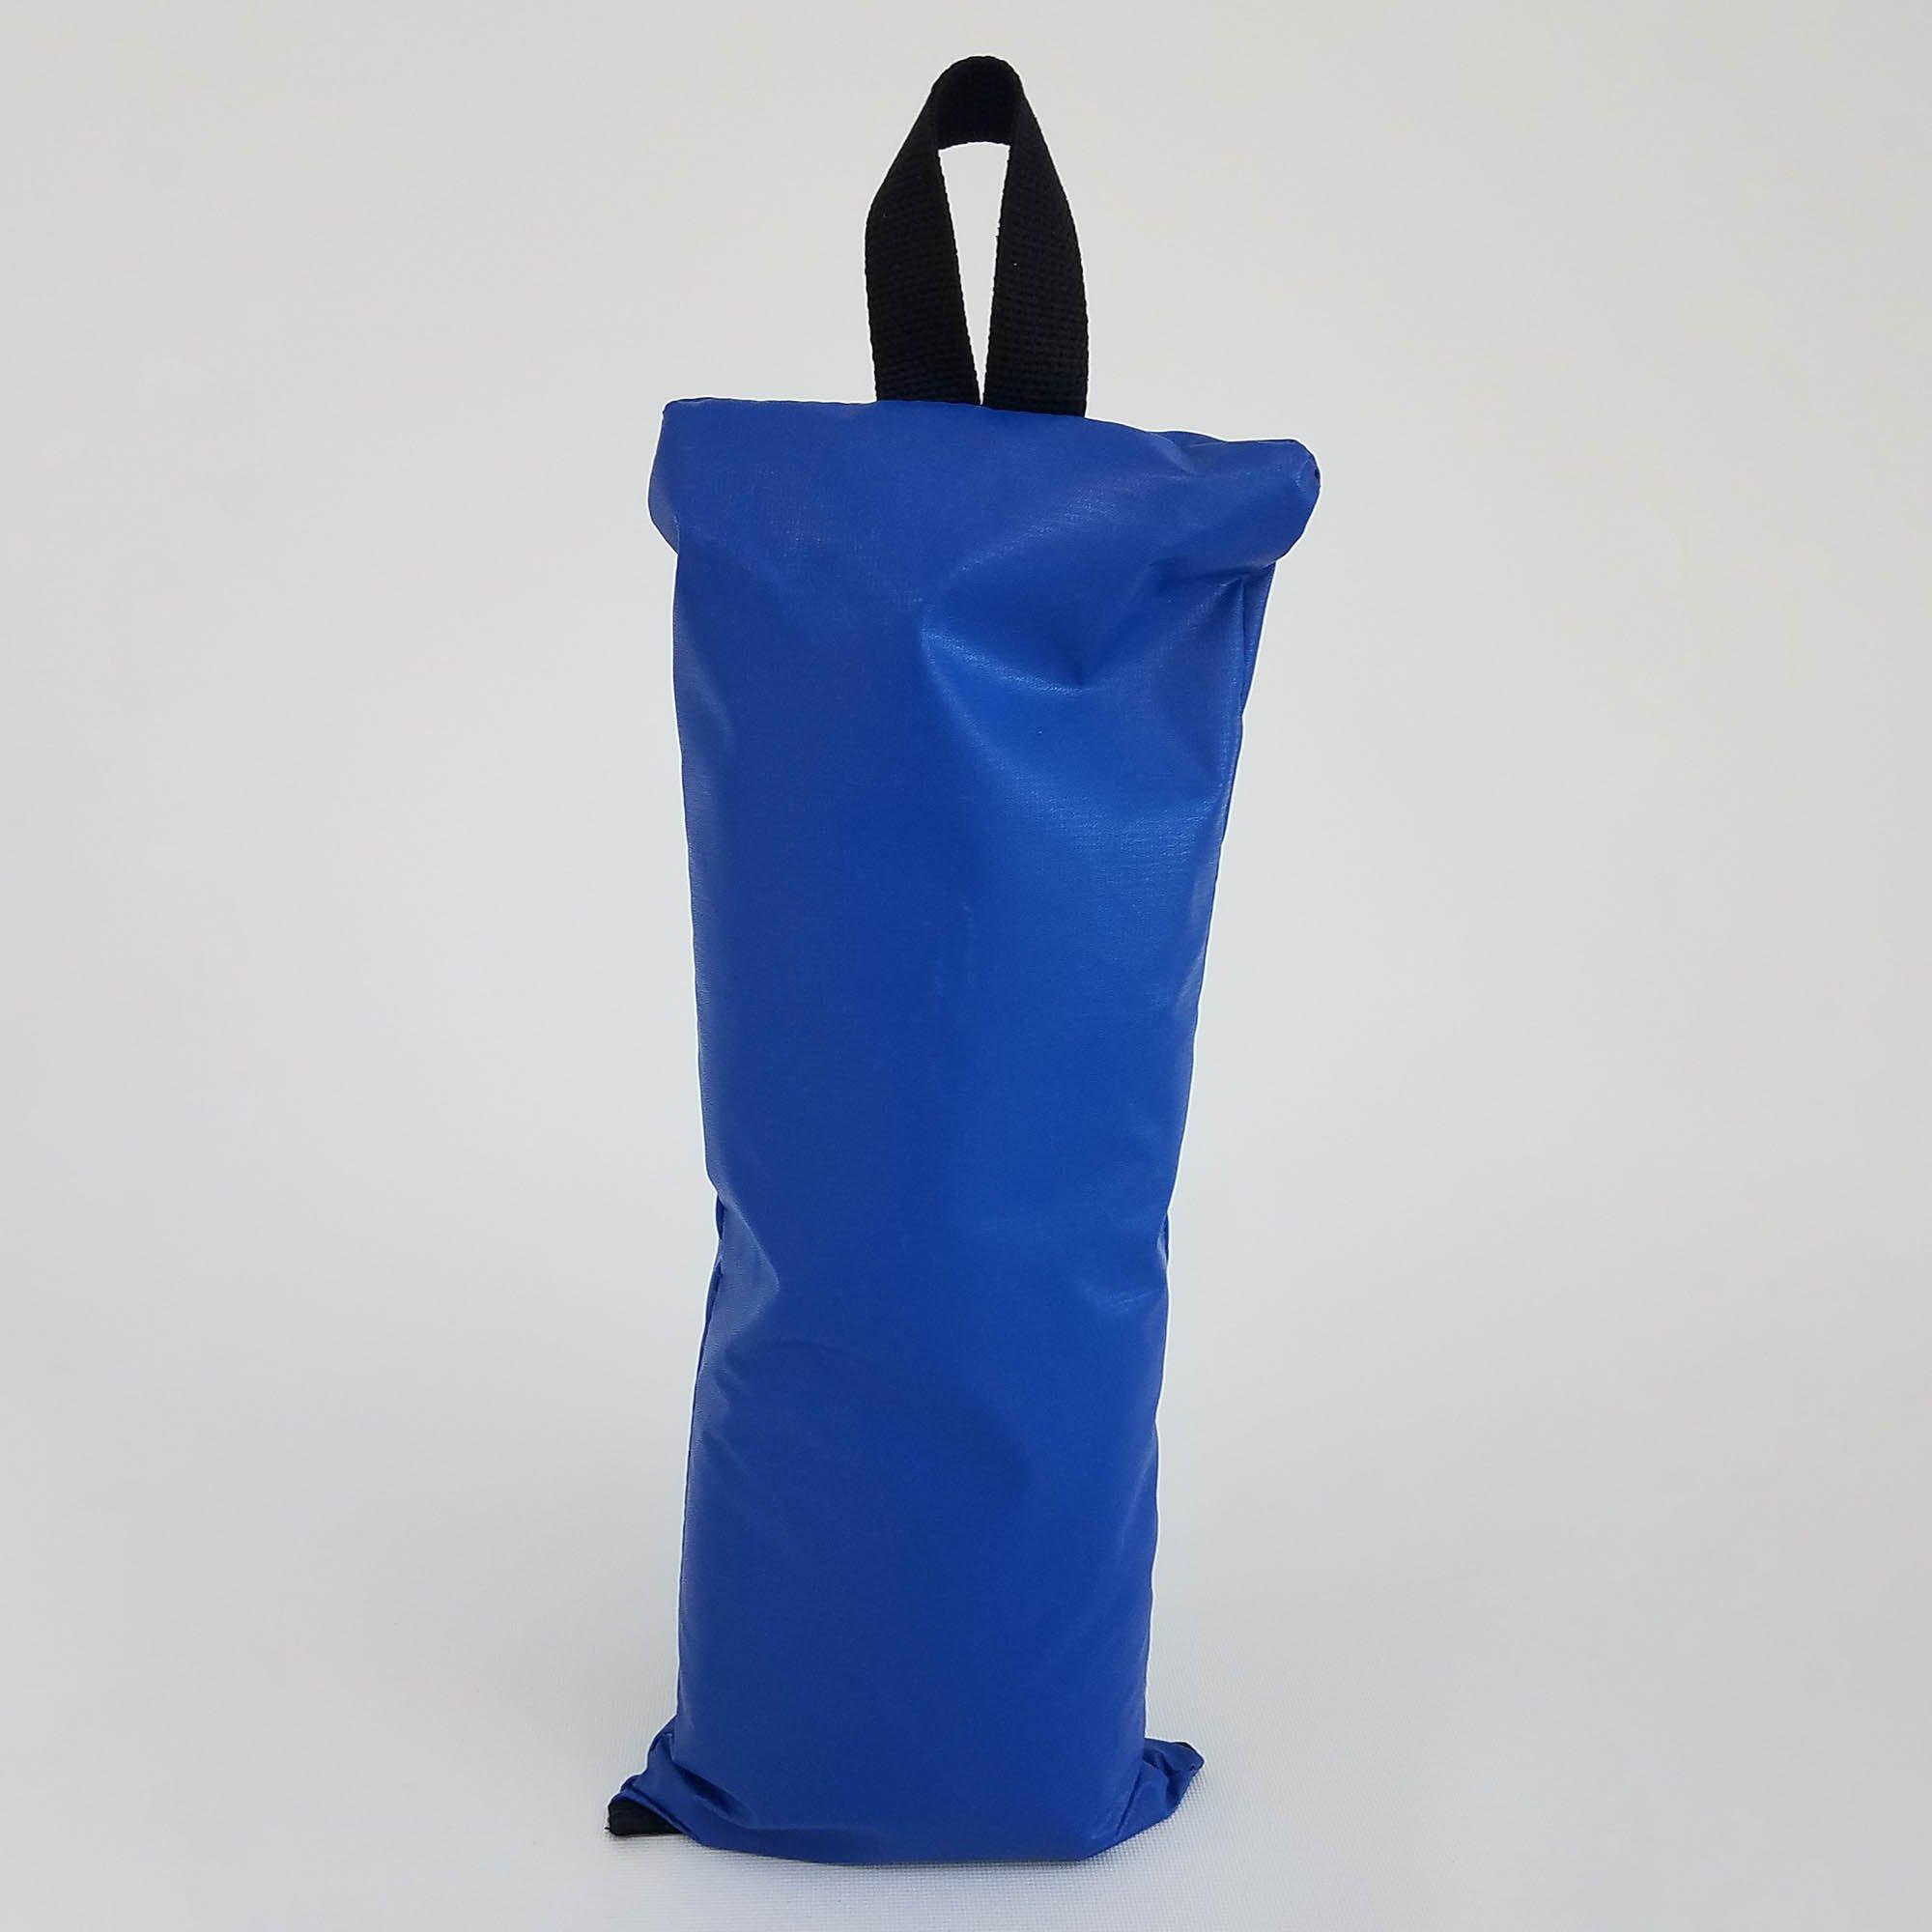 10 Lbs Single Sandbag - Size 7